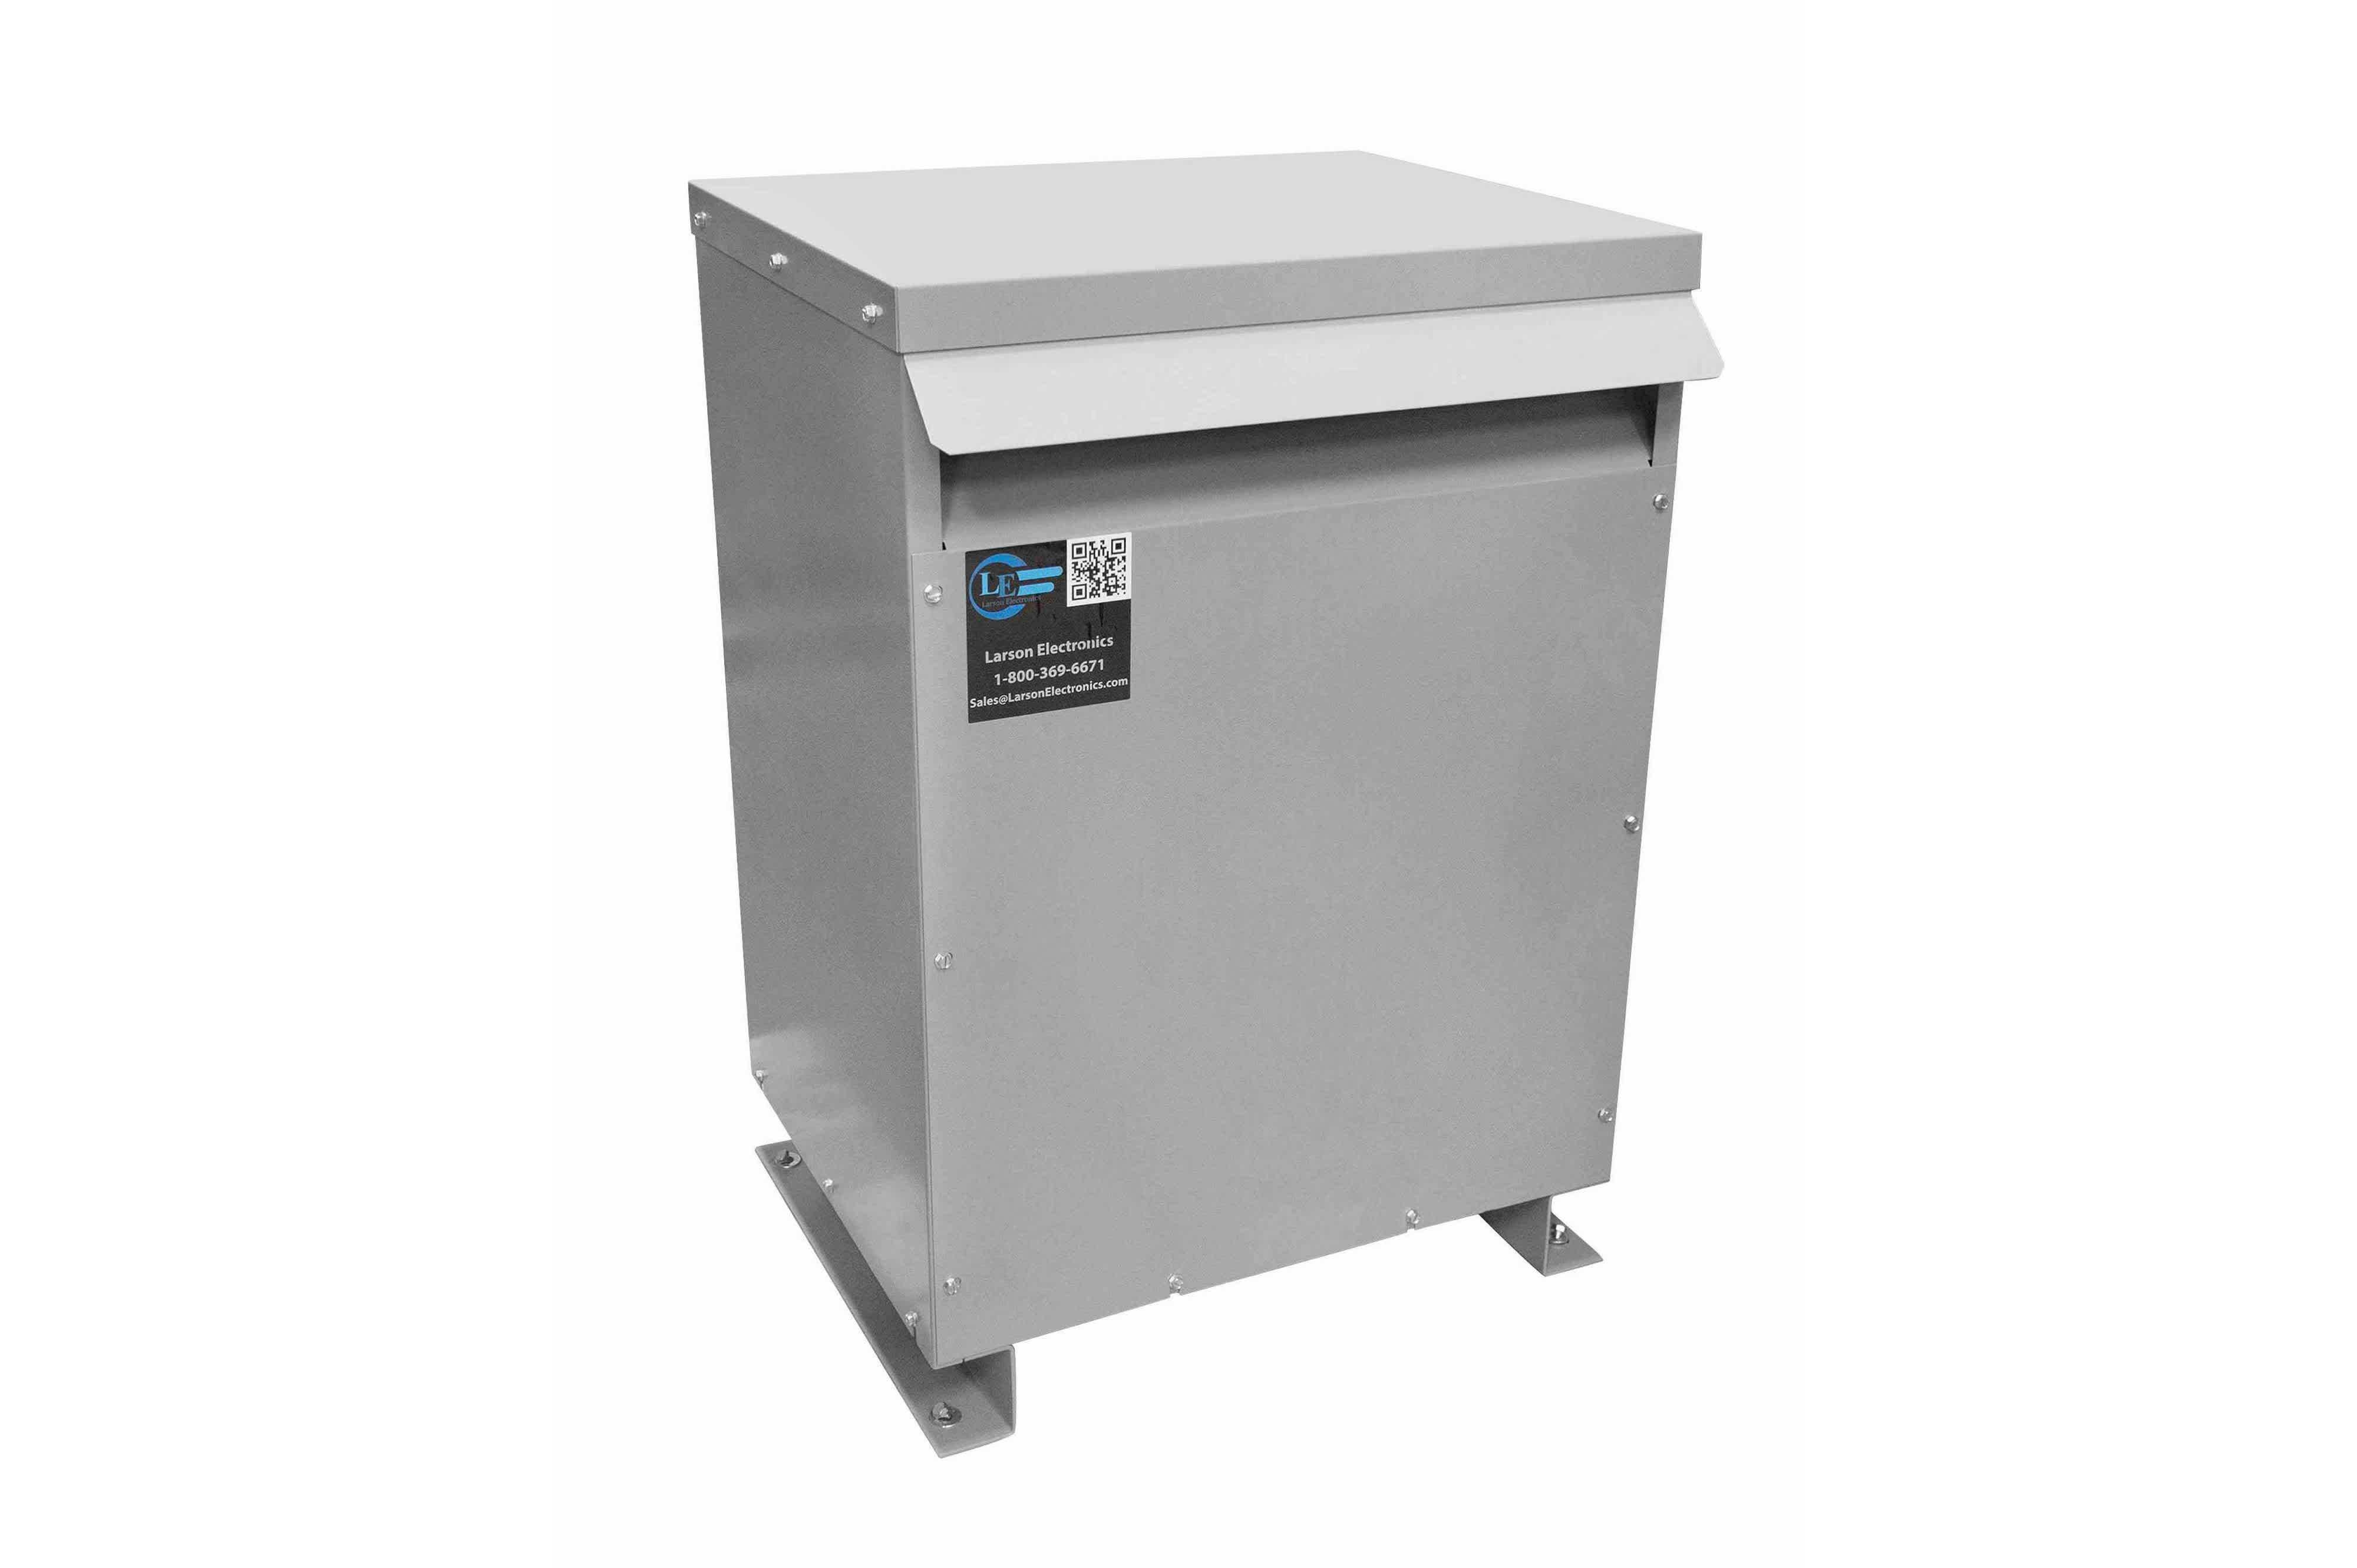 26 kVA 3PH Isolation Transformer, 575V Delta Primary, 240 Delta Secondary, N3R, Ventilated, 60 Hz